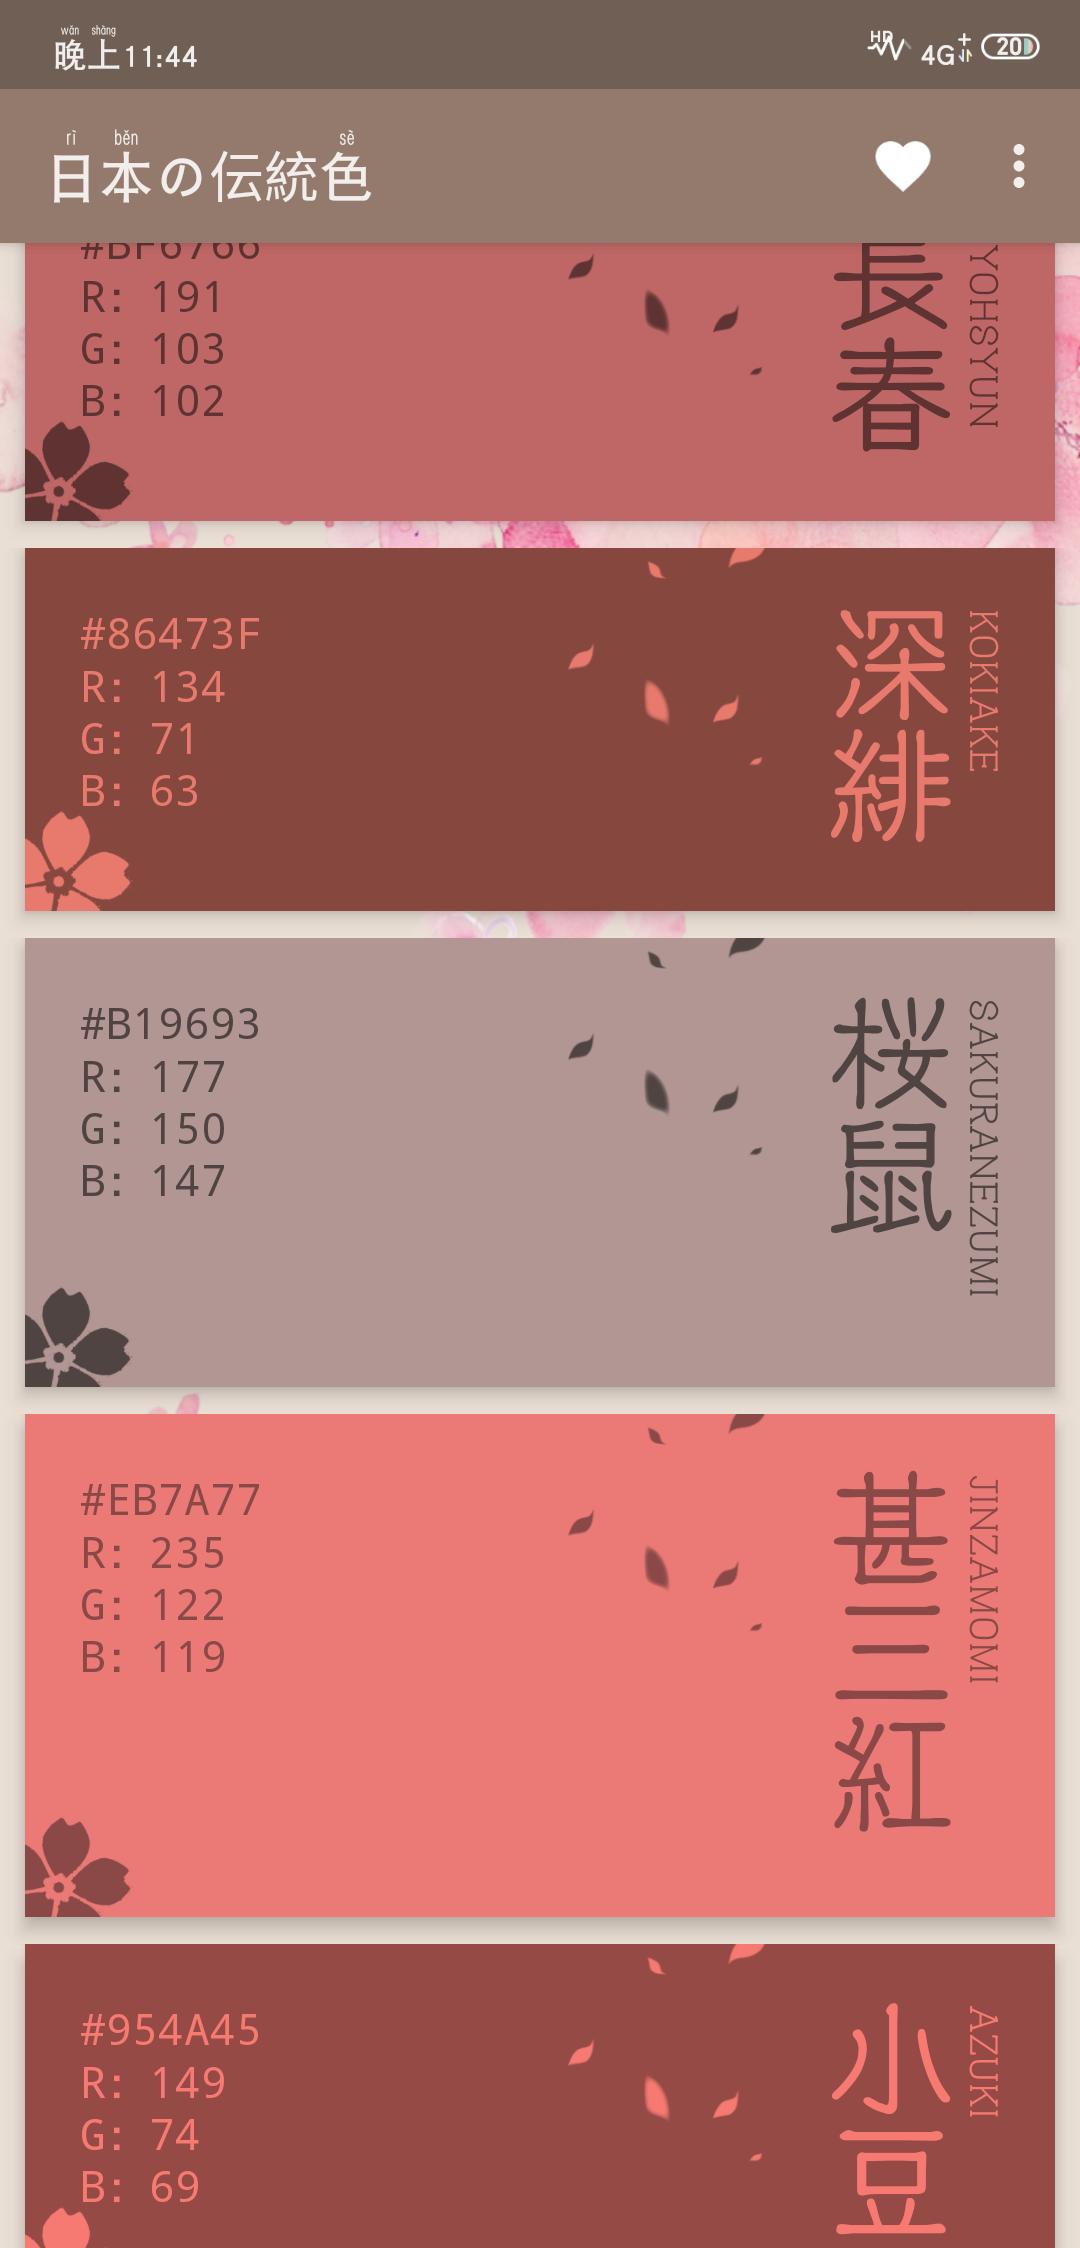 【分享】日本の伝統色 还在为自定义主题颜色而苦恼吗?-爱小助